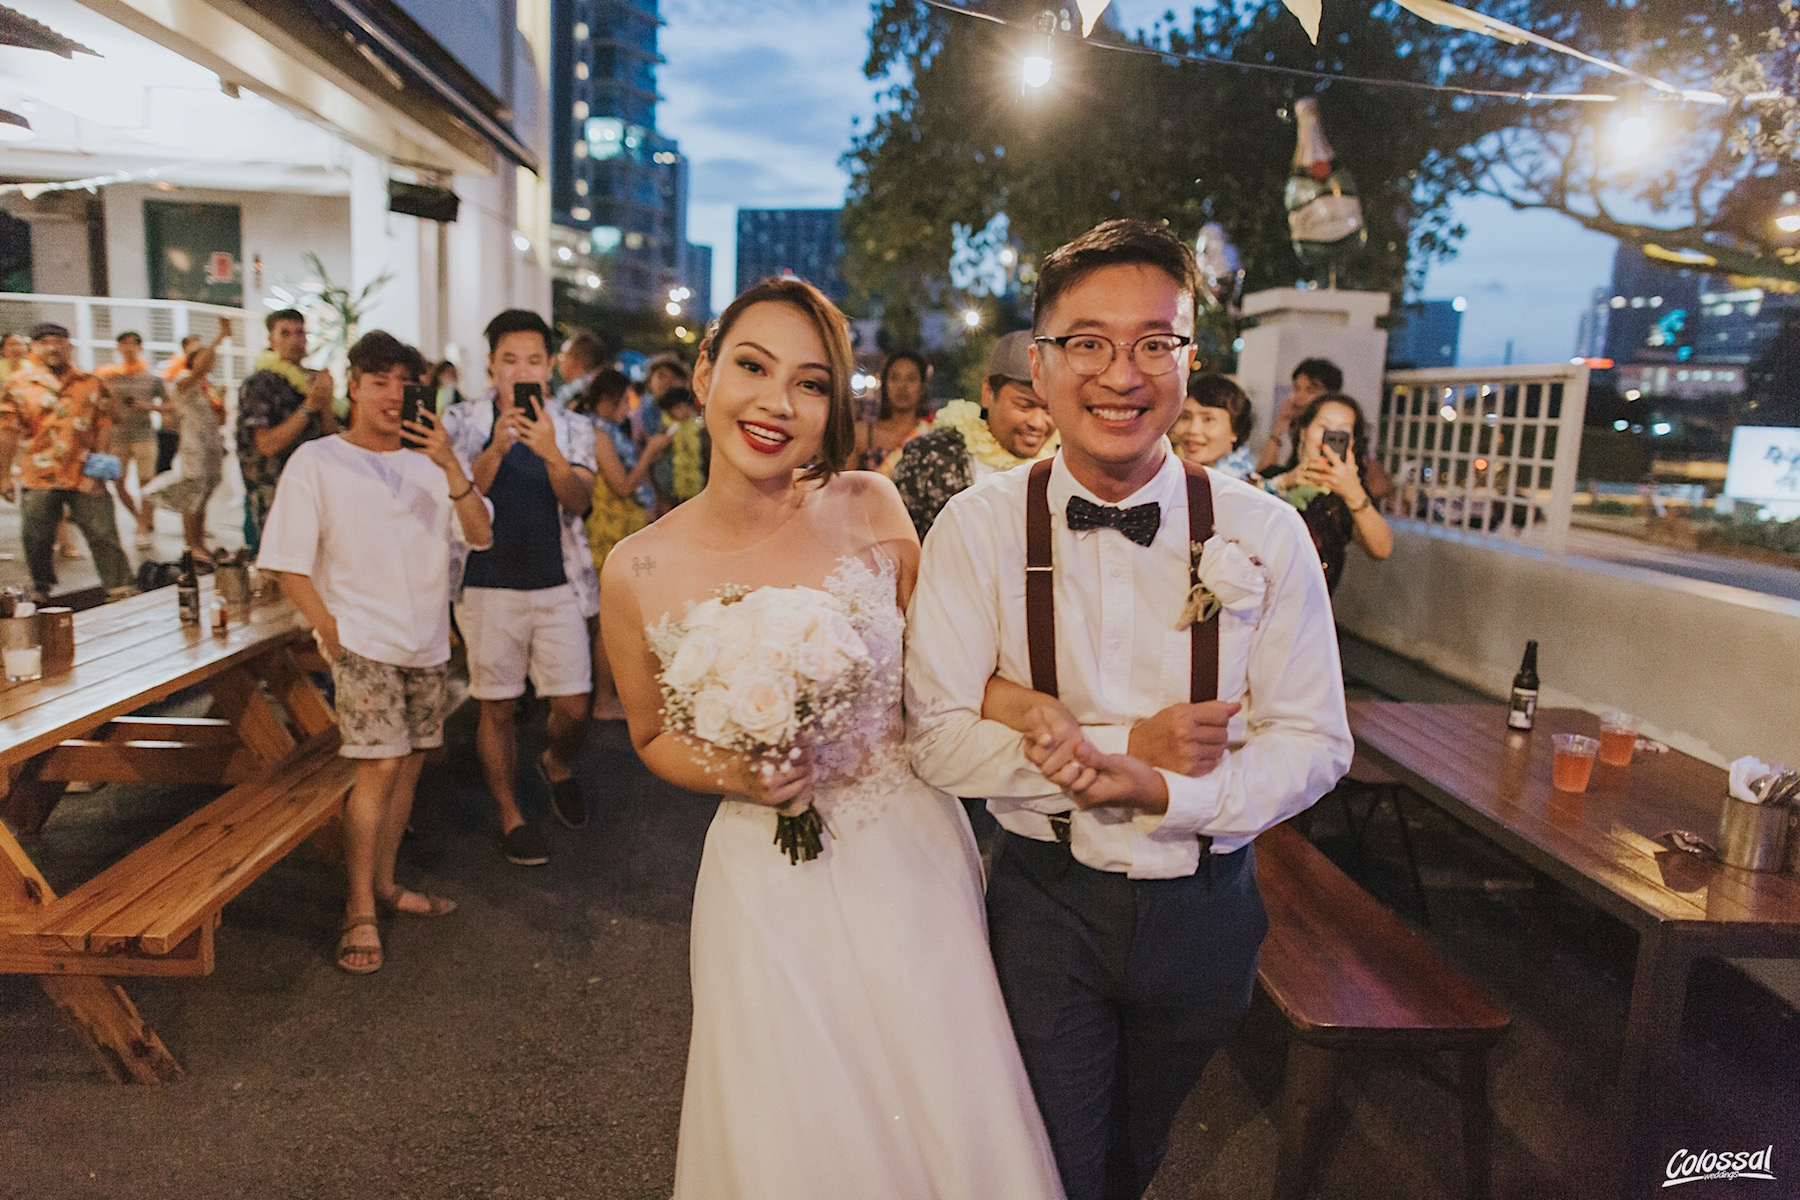 MartinChanel_ColossalWeddings074_WeddingParty.jpg